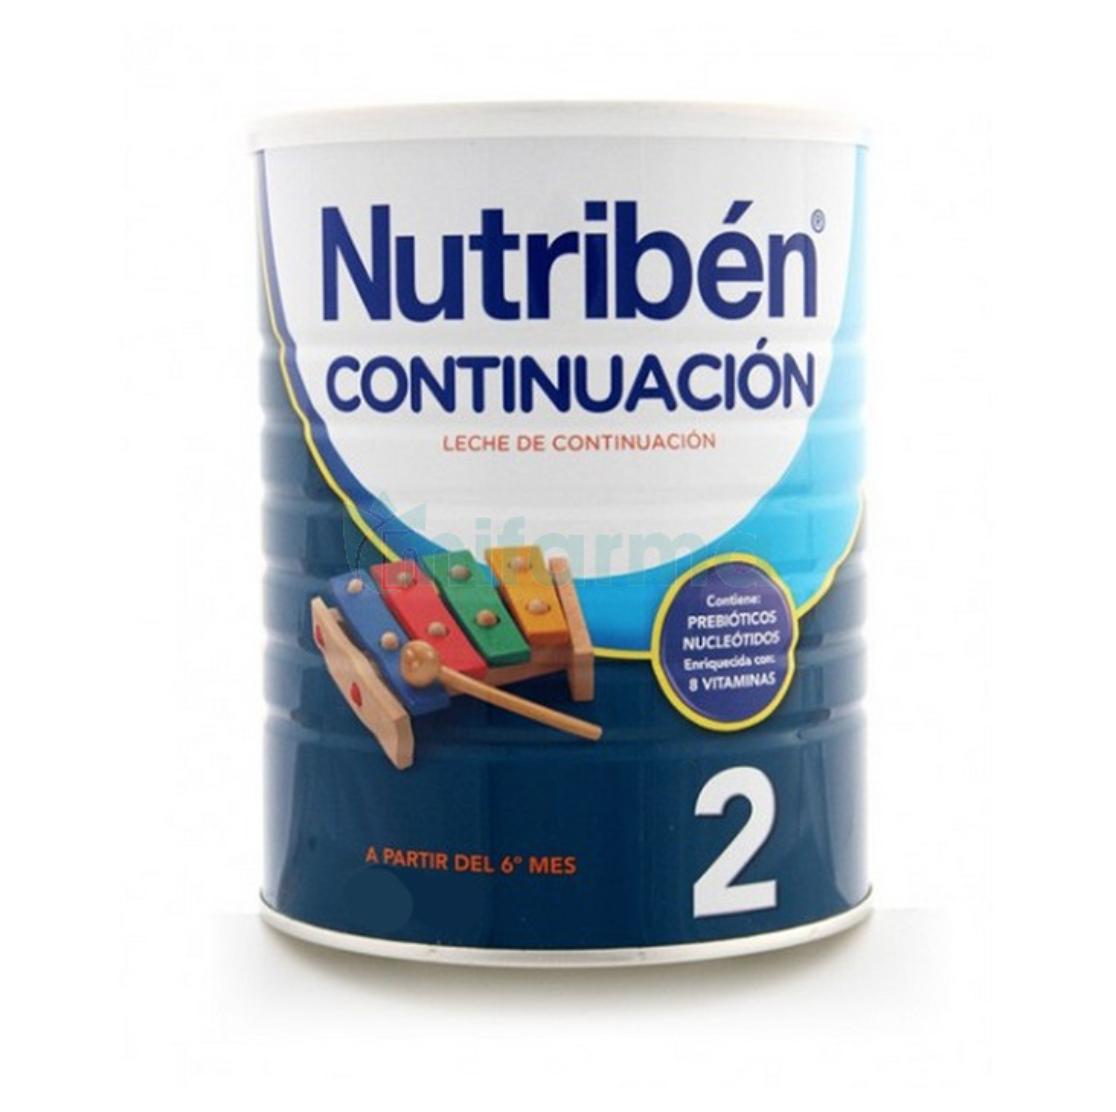 Nutribén Farmàcia Guilanyà